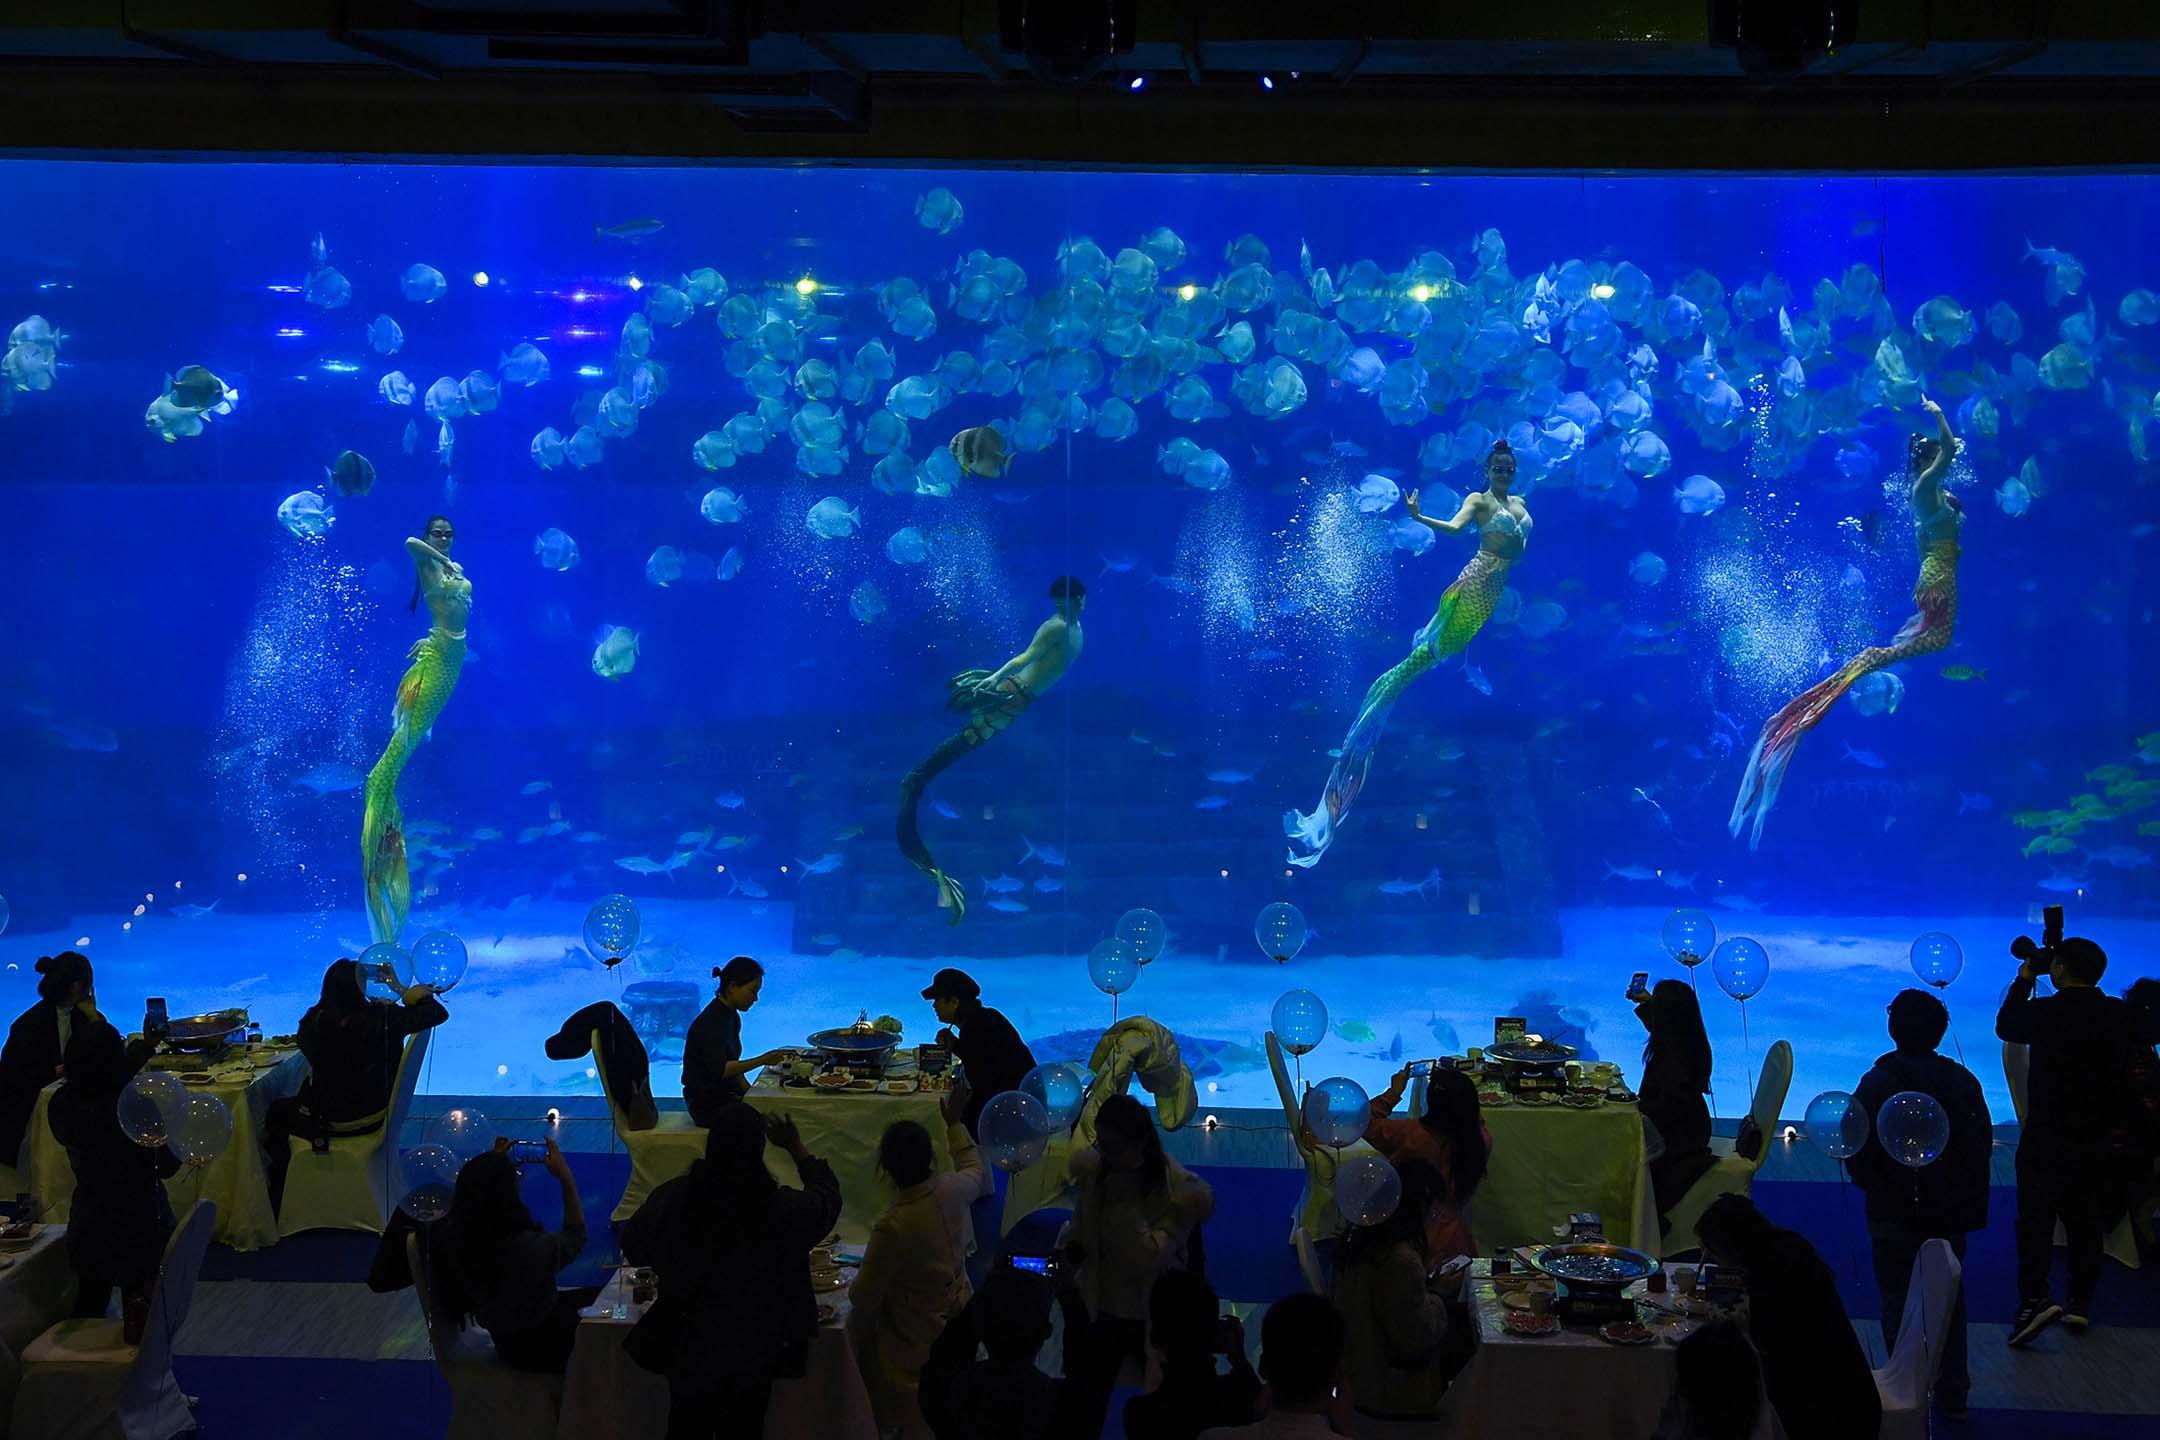 2021年3月8日重慶,國際婦女節,婦女在觀看美人魚表演。